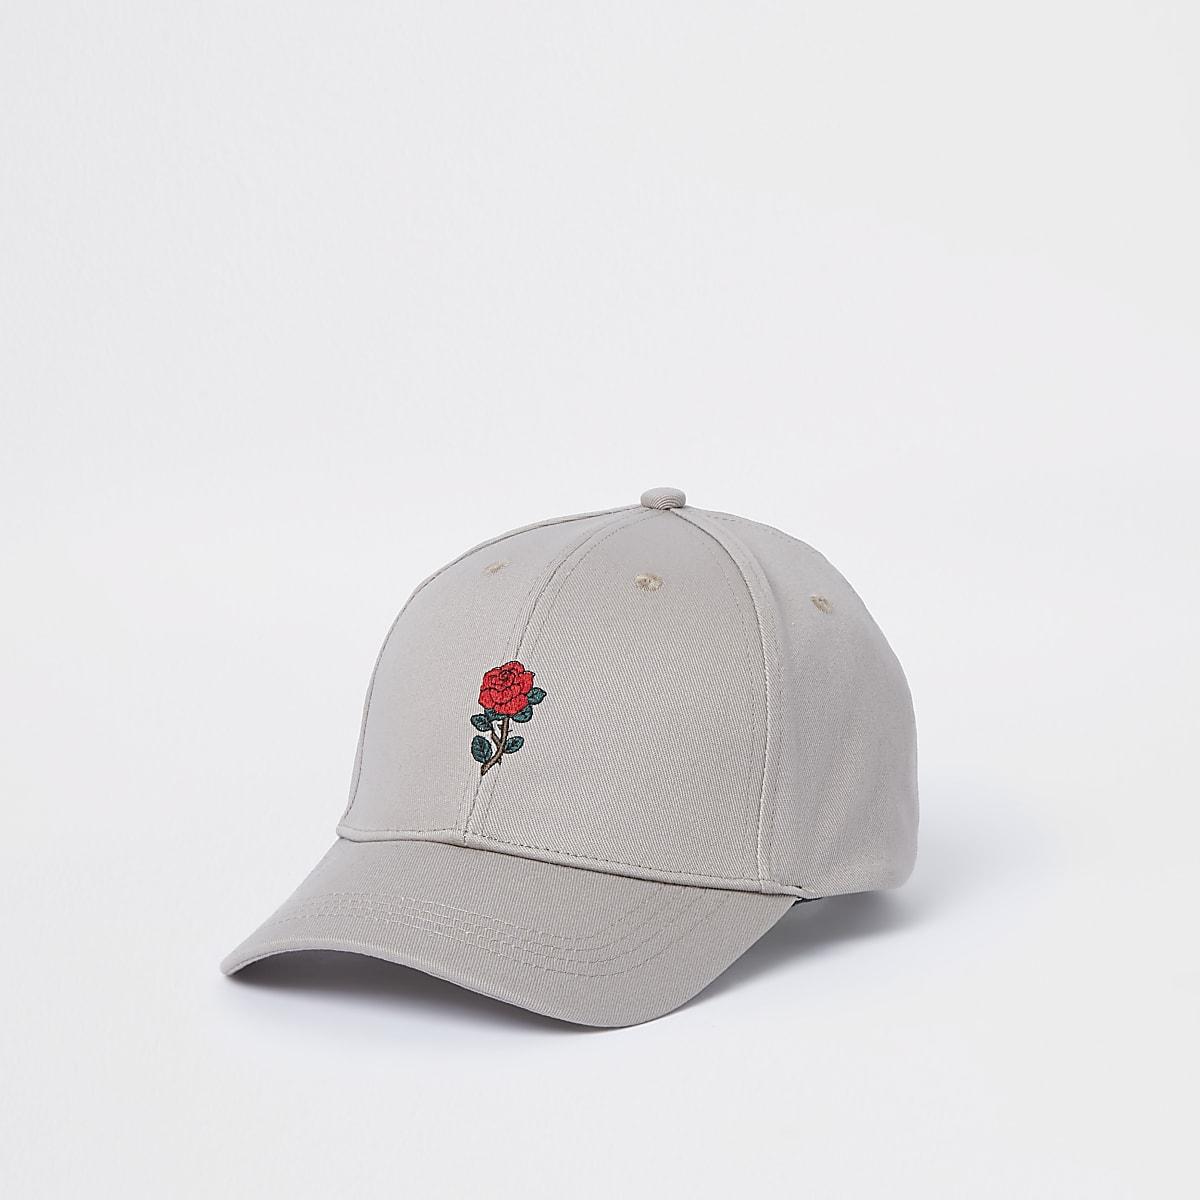 ecbaf76e423 Beige rose baseball cap - Hats   Caps - Accessories - men